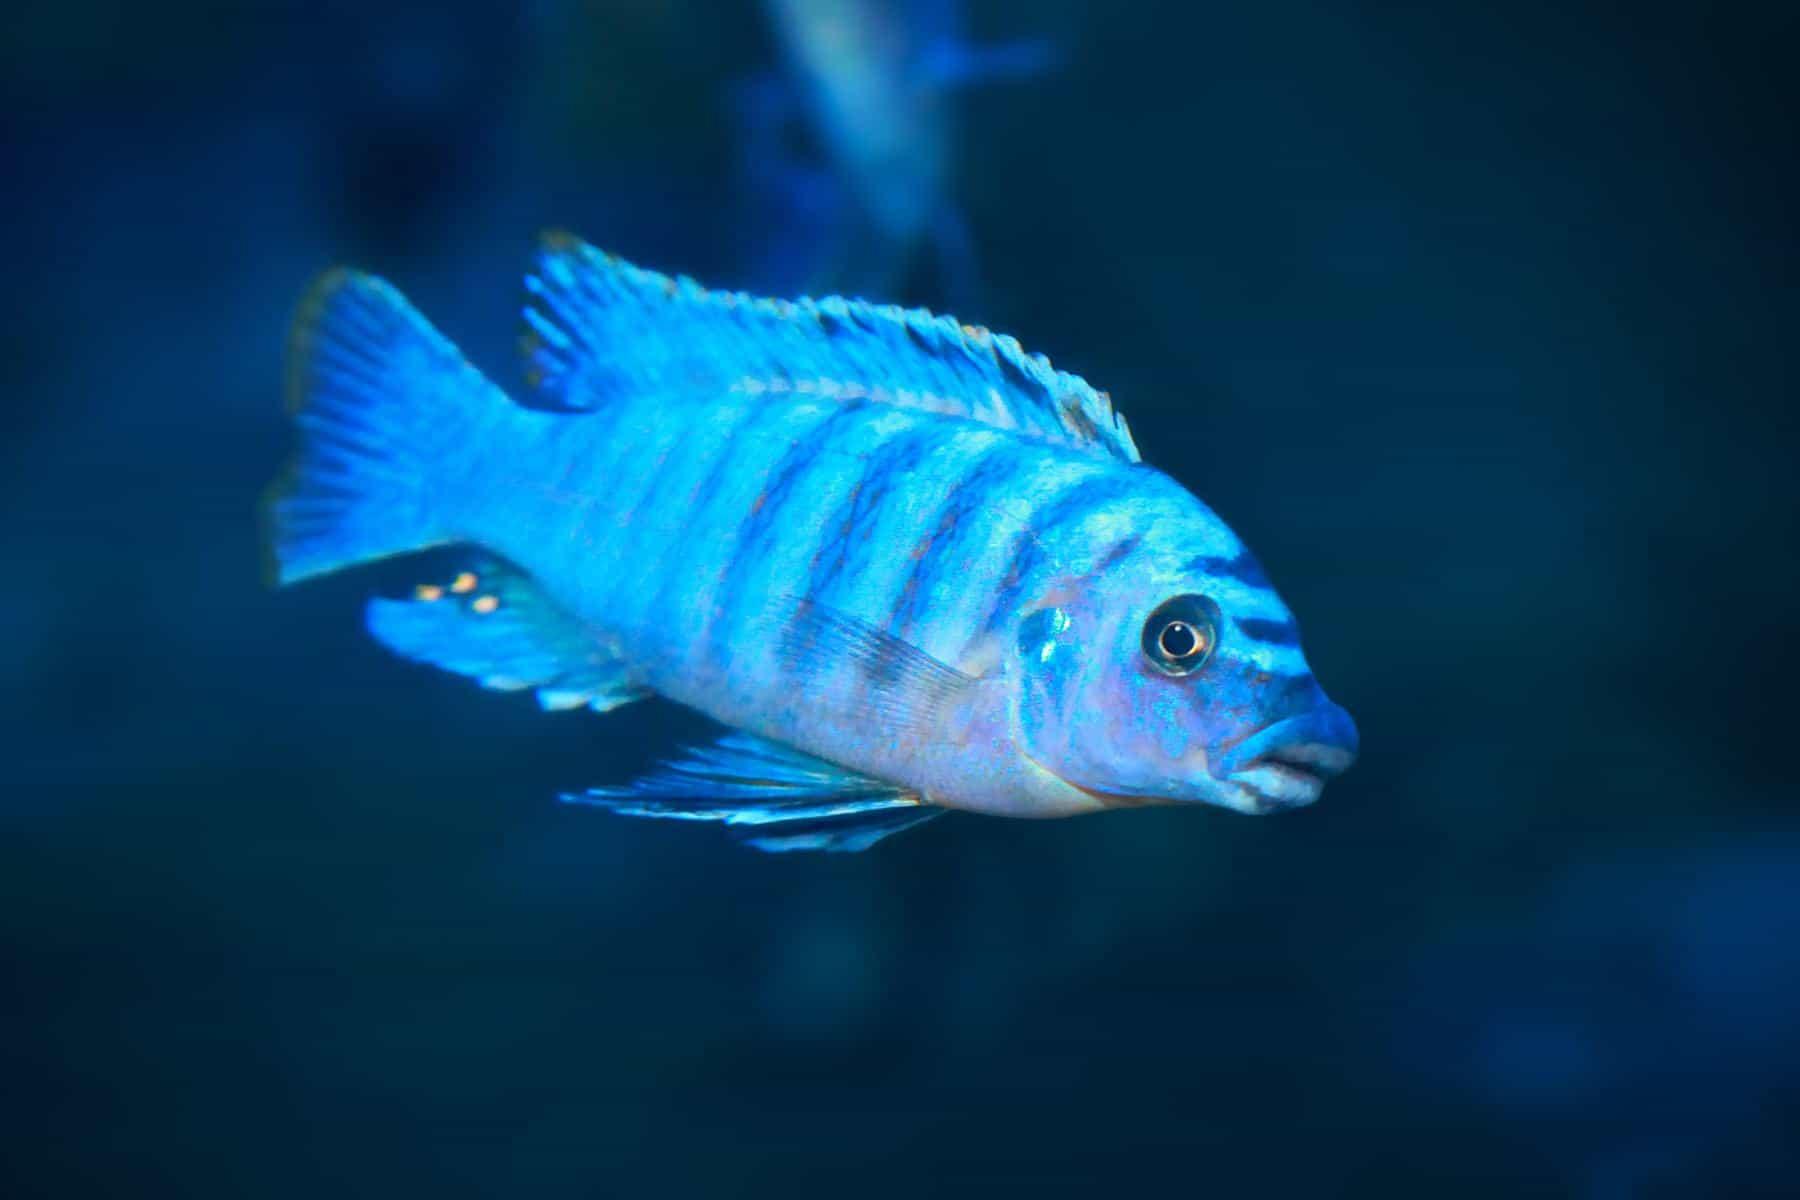 electric blue hap fish swimming in freshwater aquarium